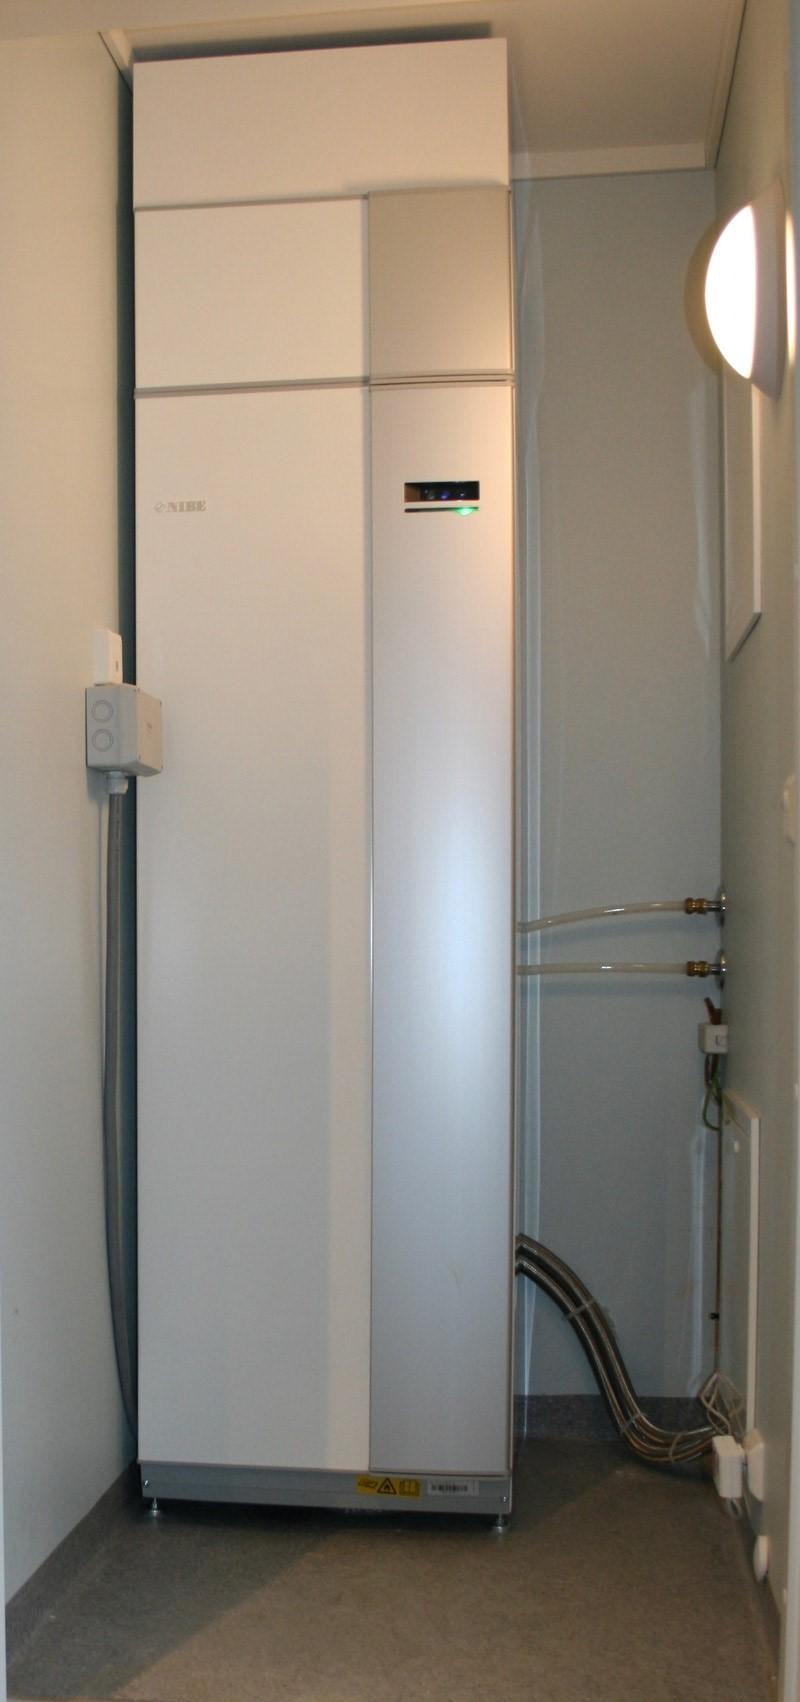 Kompakt løsning med 3-i-1: Varmer huset (gulvvarme eller radiatorer), tappevann og til-lufta i ventilasjonsanlegget.